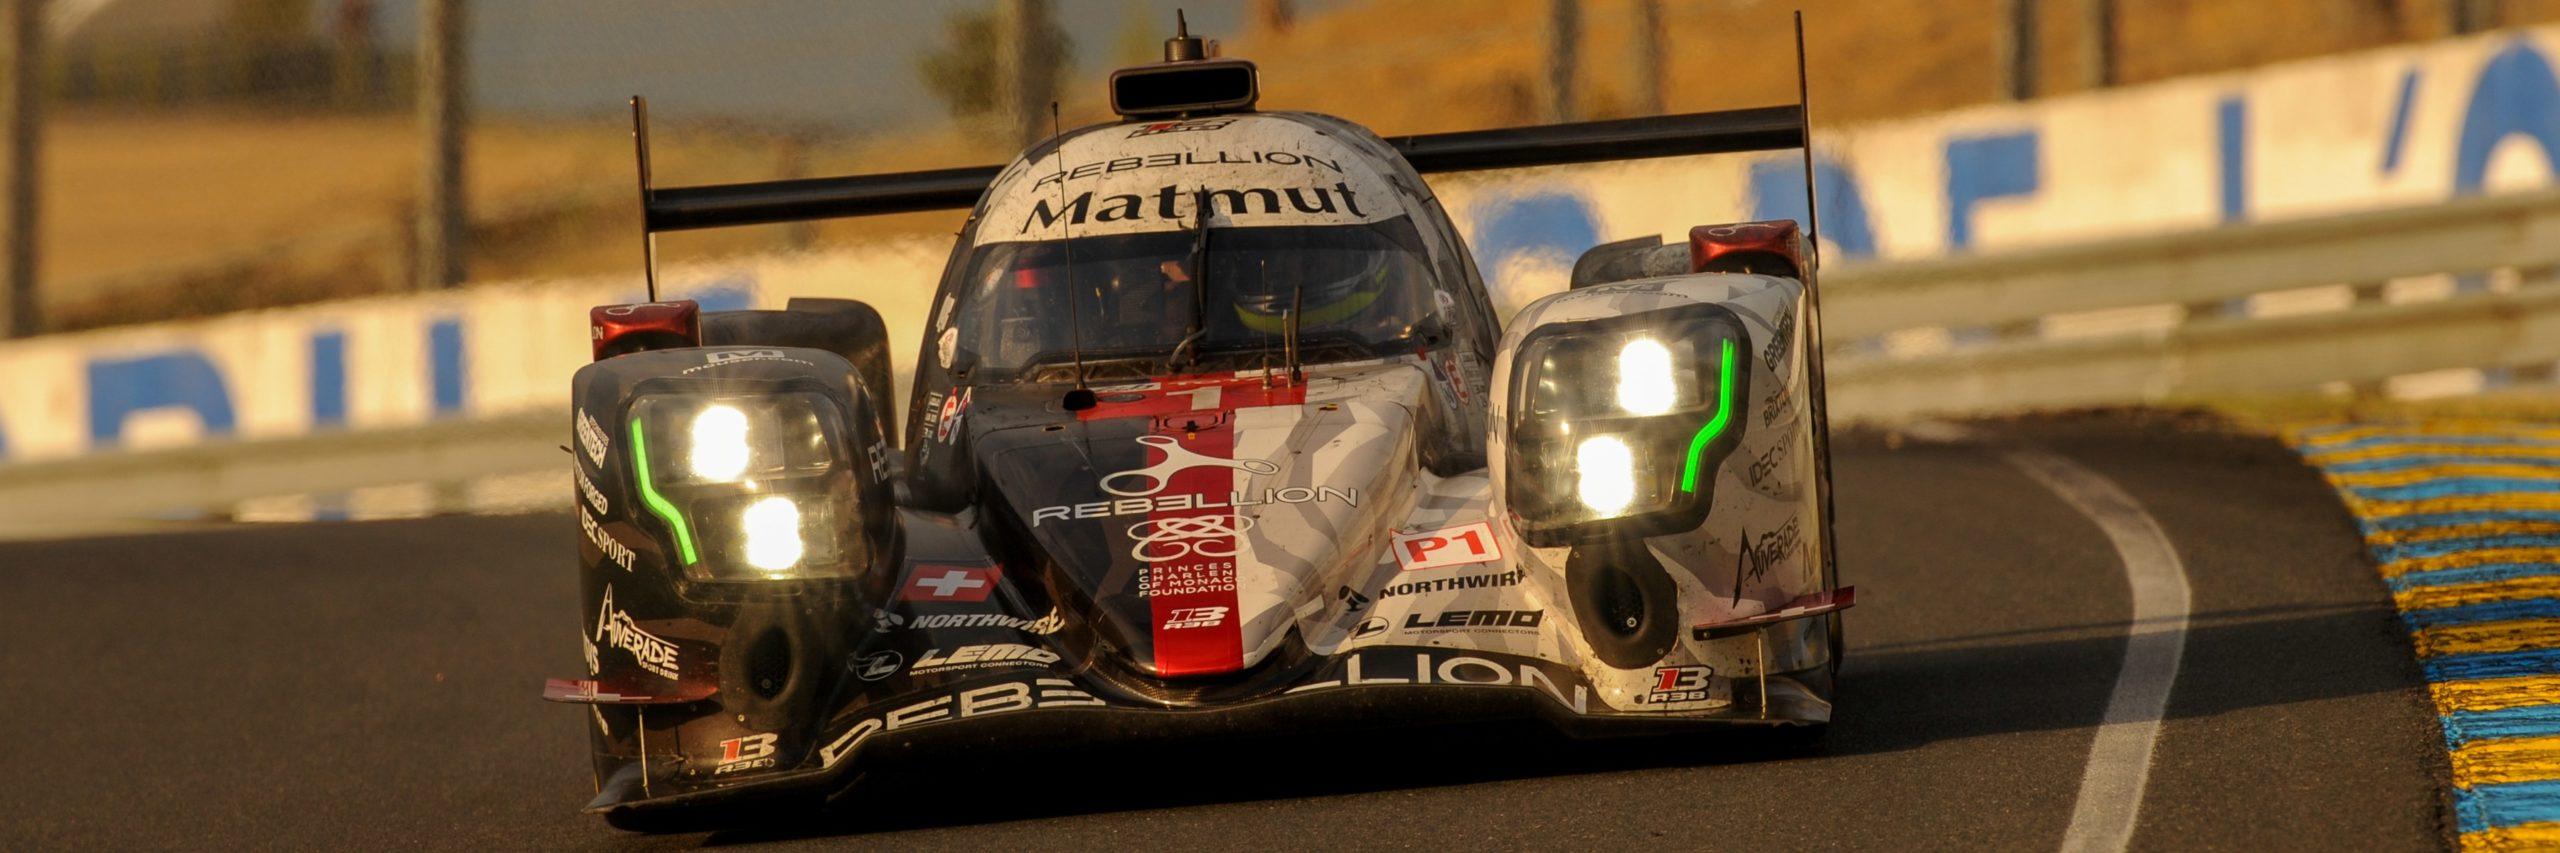 Intalnire gratuita Le Mans